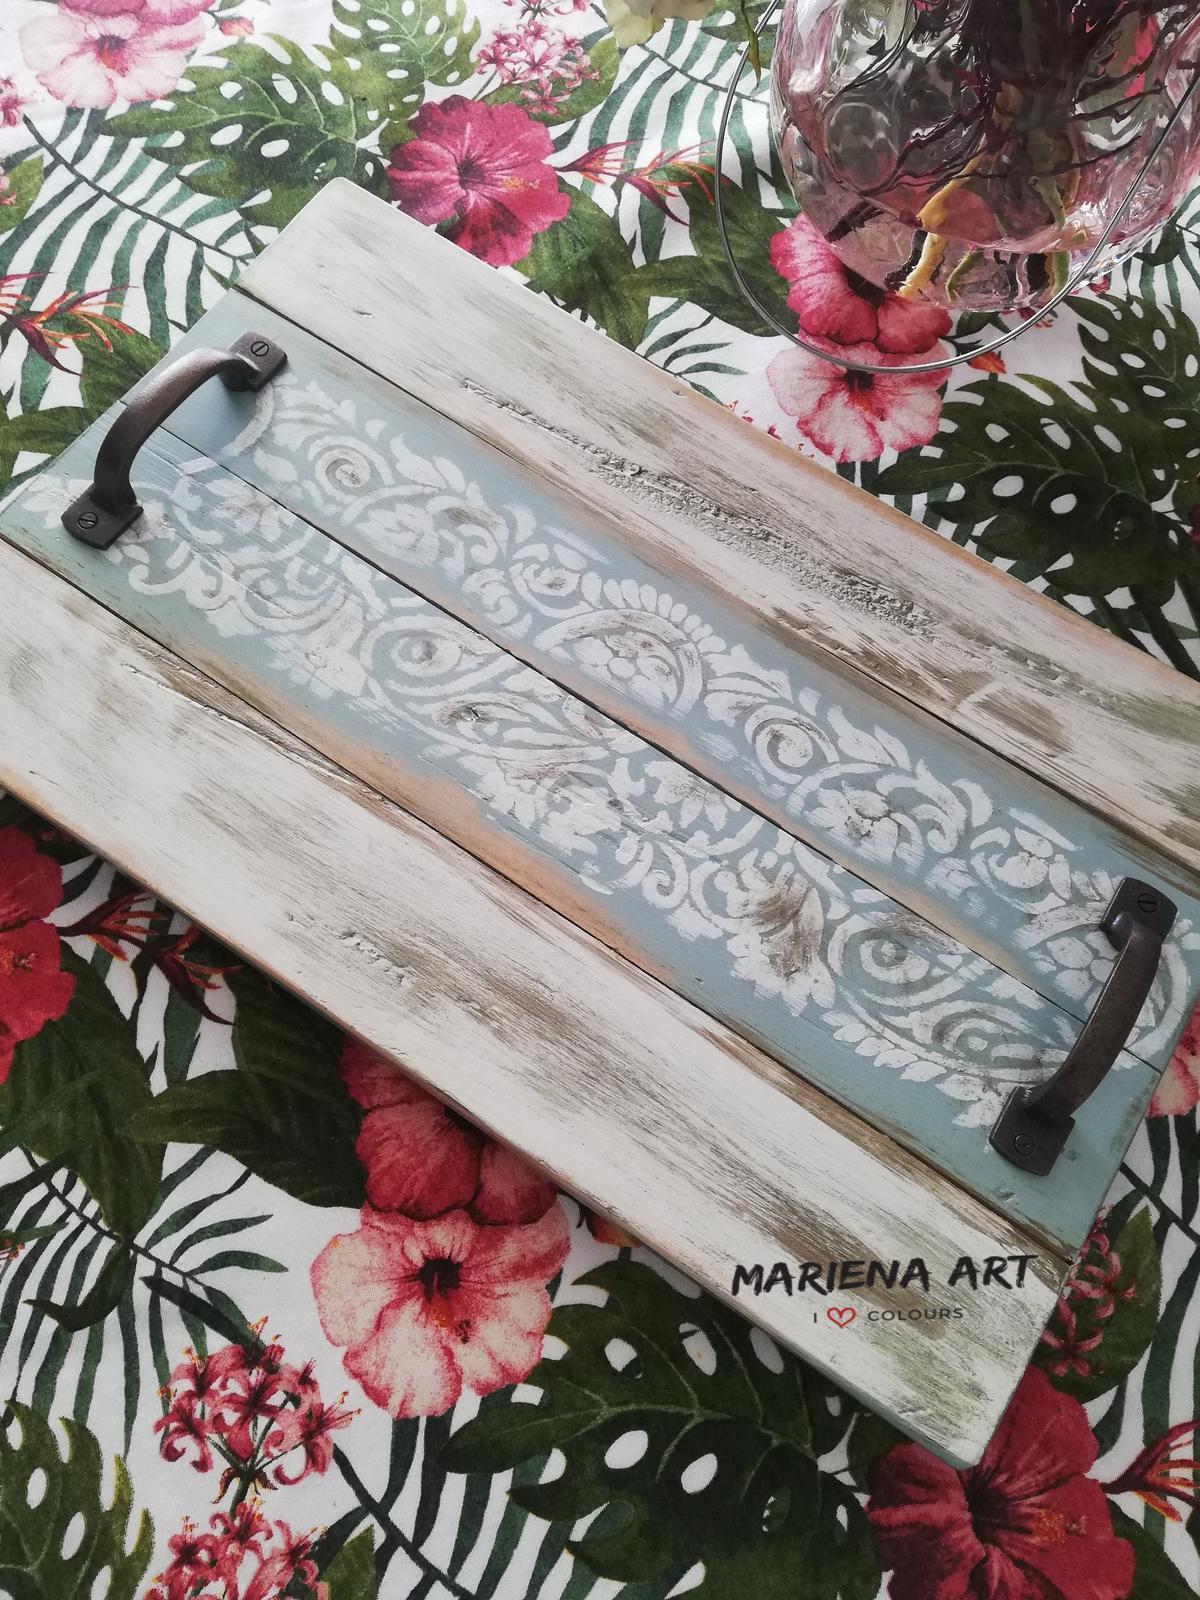 Redizajnujeme, maľujeme, tvoríme - podnos z paletového dreva: kriedová farba + shabby chic stone, šablóna Paisley, metalická farba zlatá, transparentný vosk